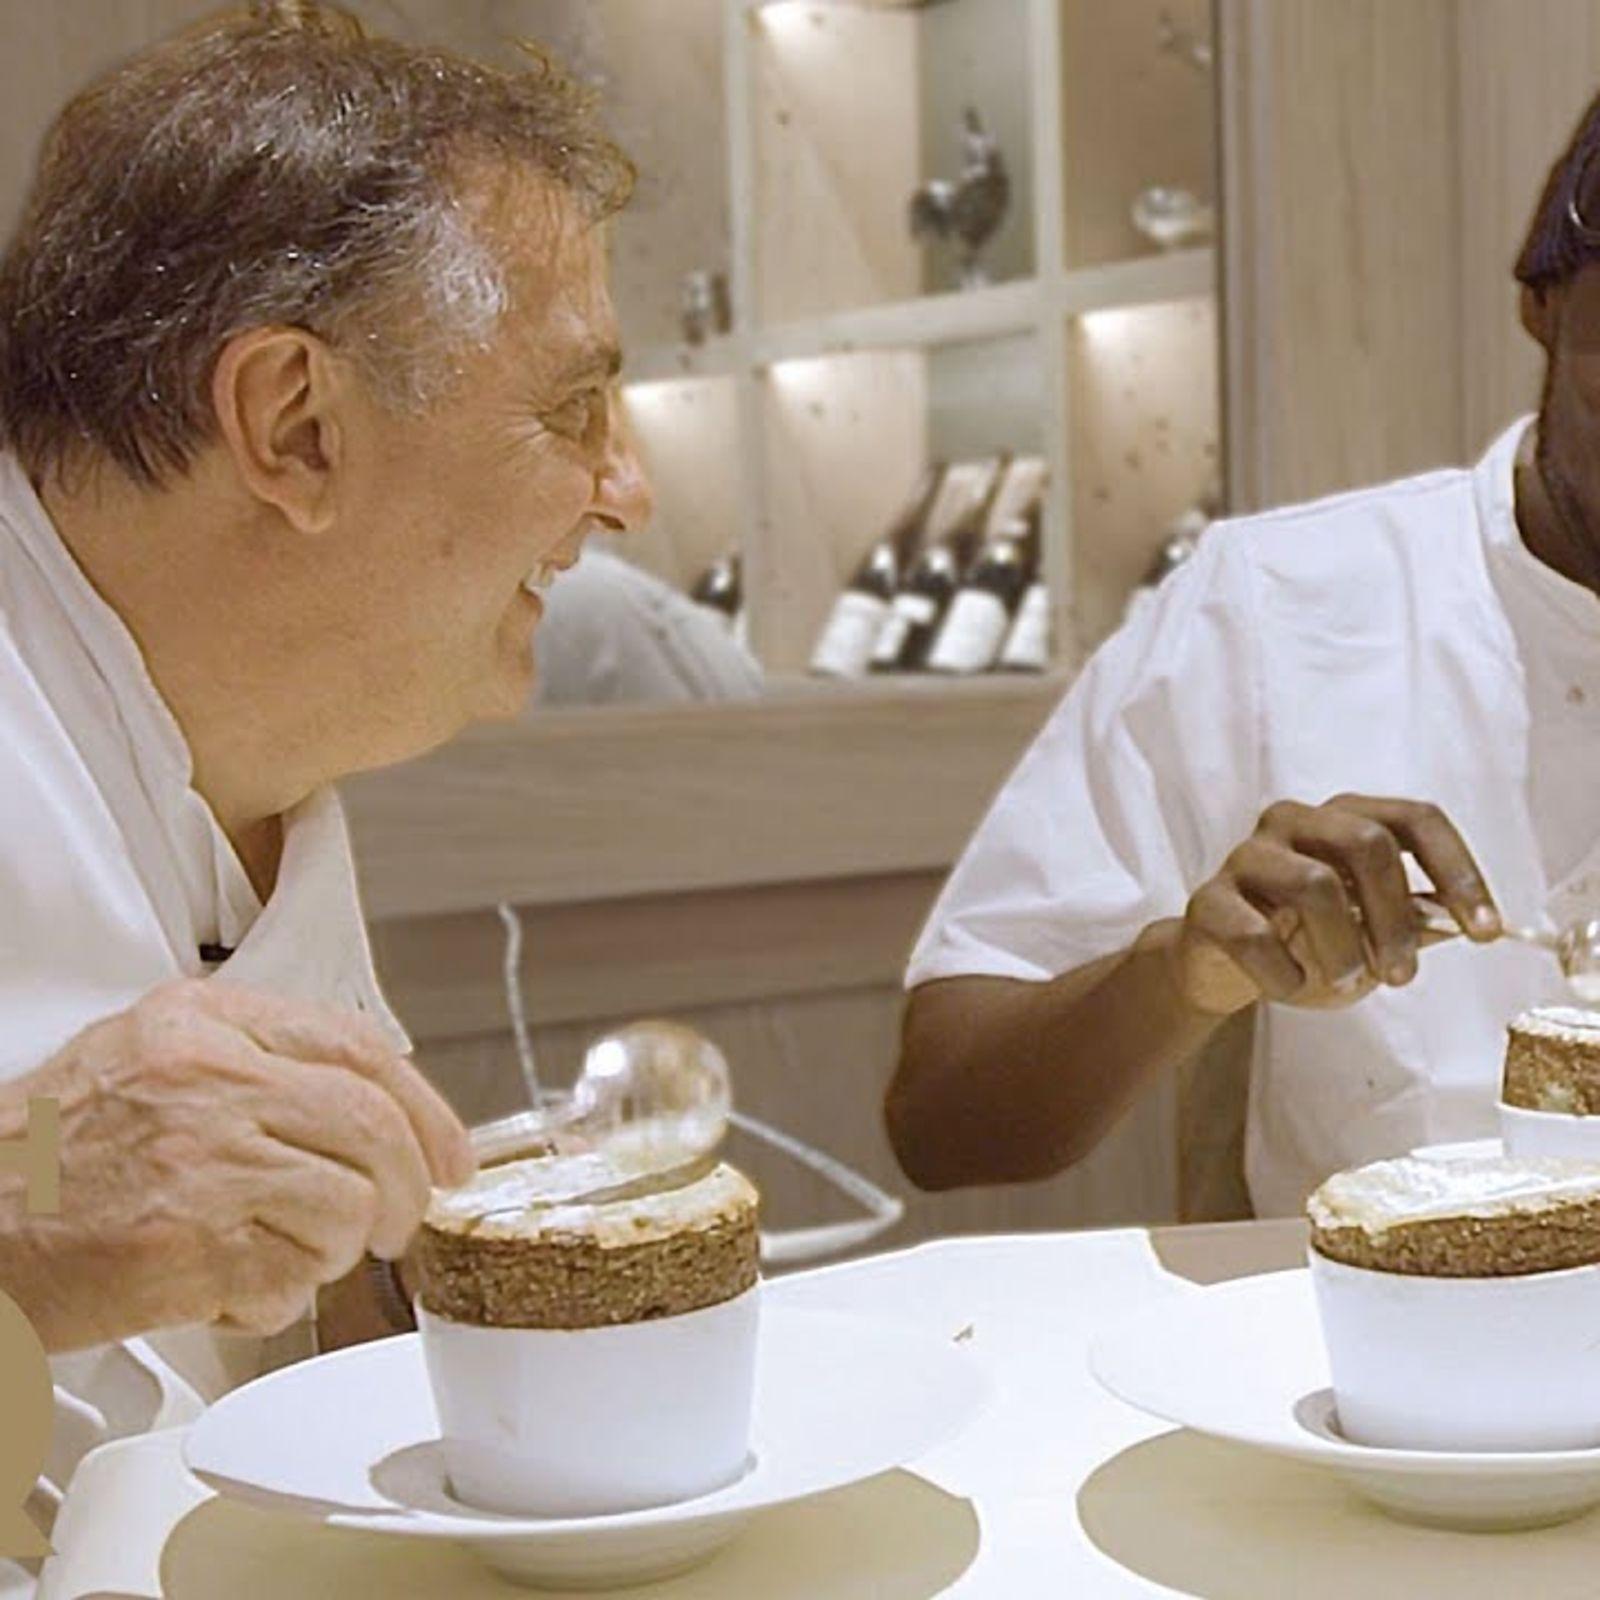 Stormzy and Raymond Blanc make pistachio soufflé